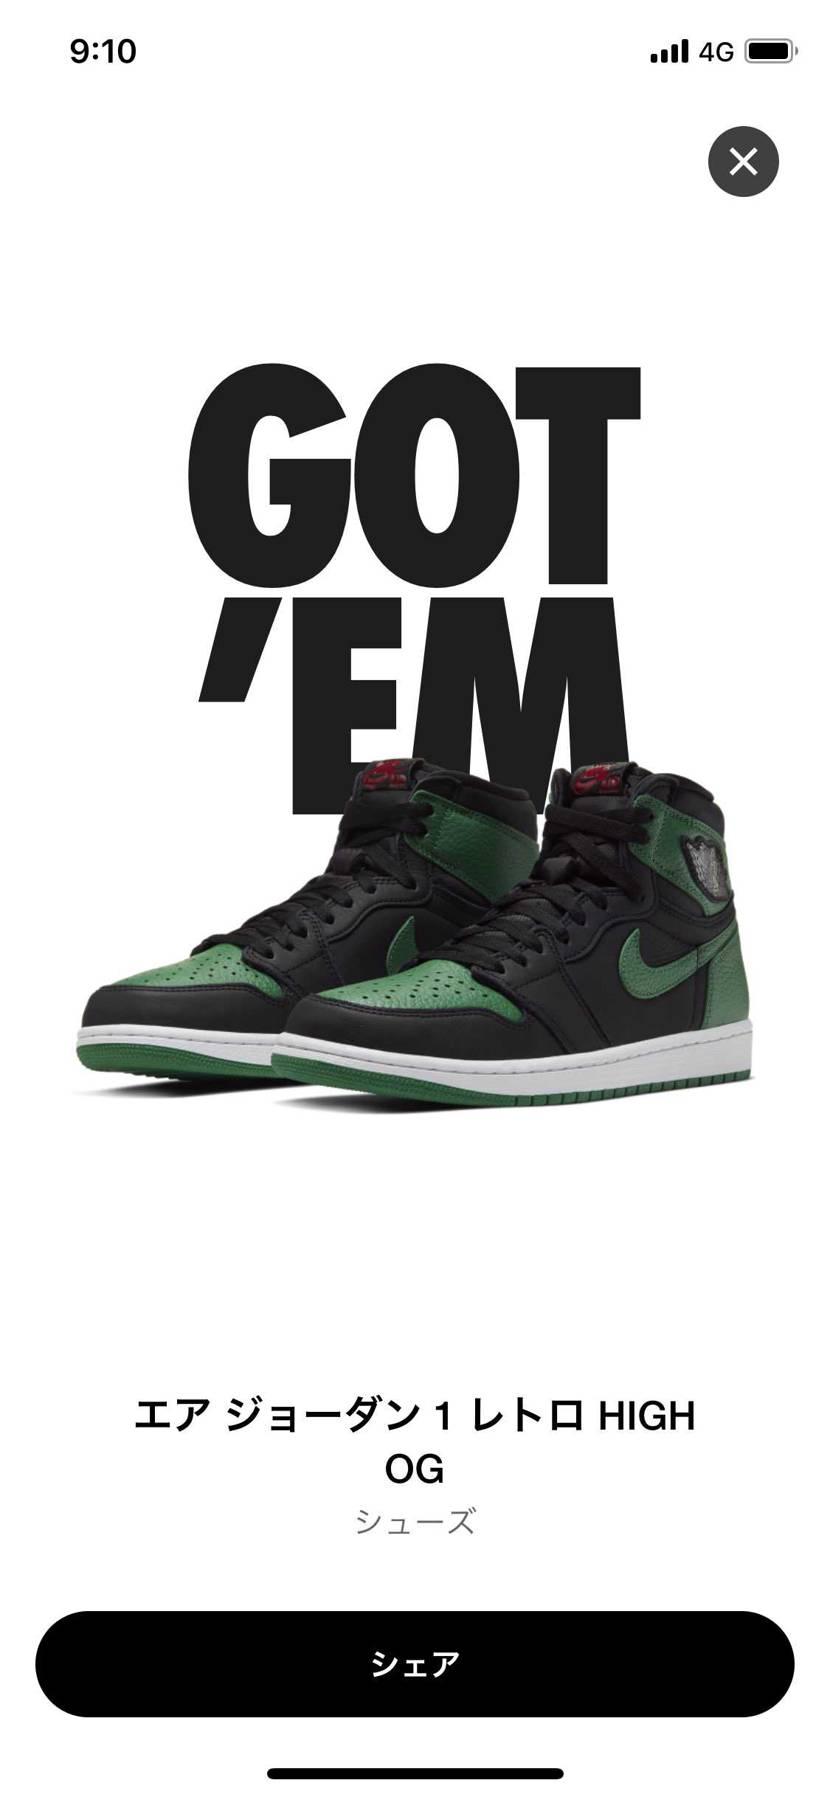 大好きなグリーンカラーなので最高に嬉しいです!#gotem